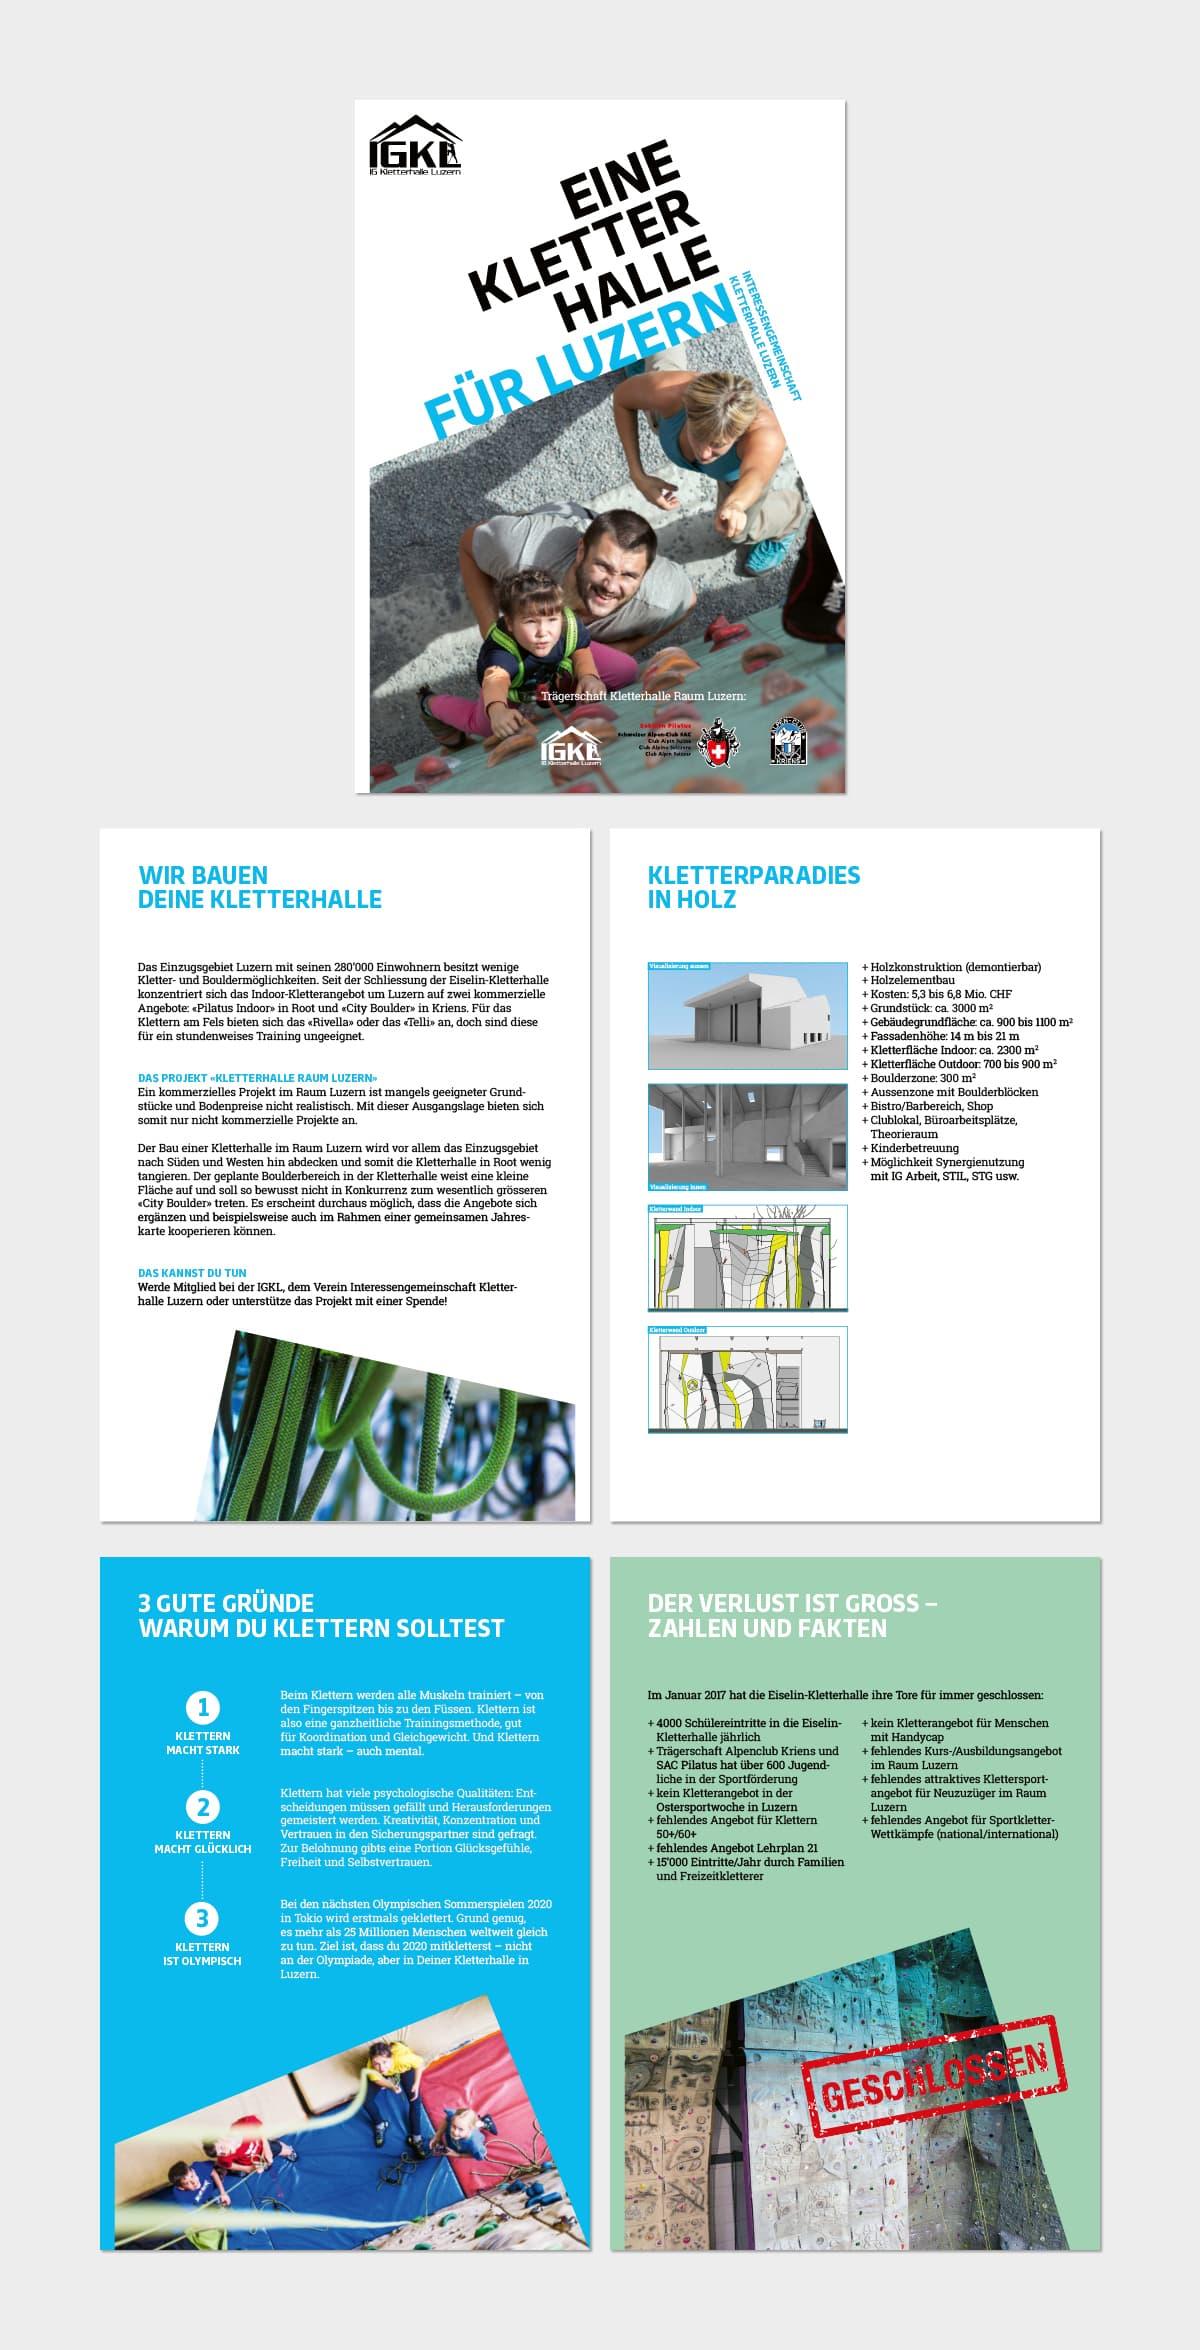 IGKL-Flyer Einzelseiten